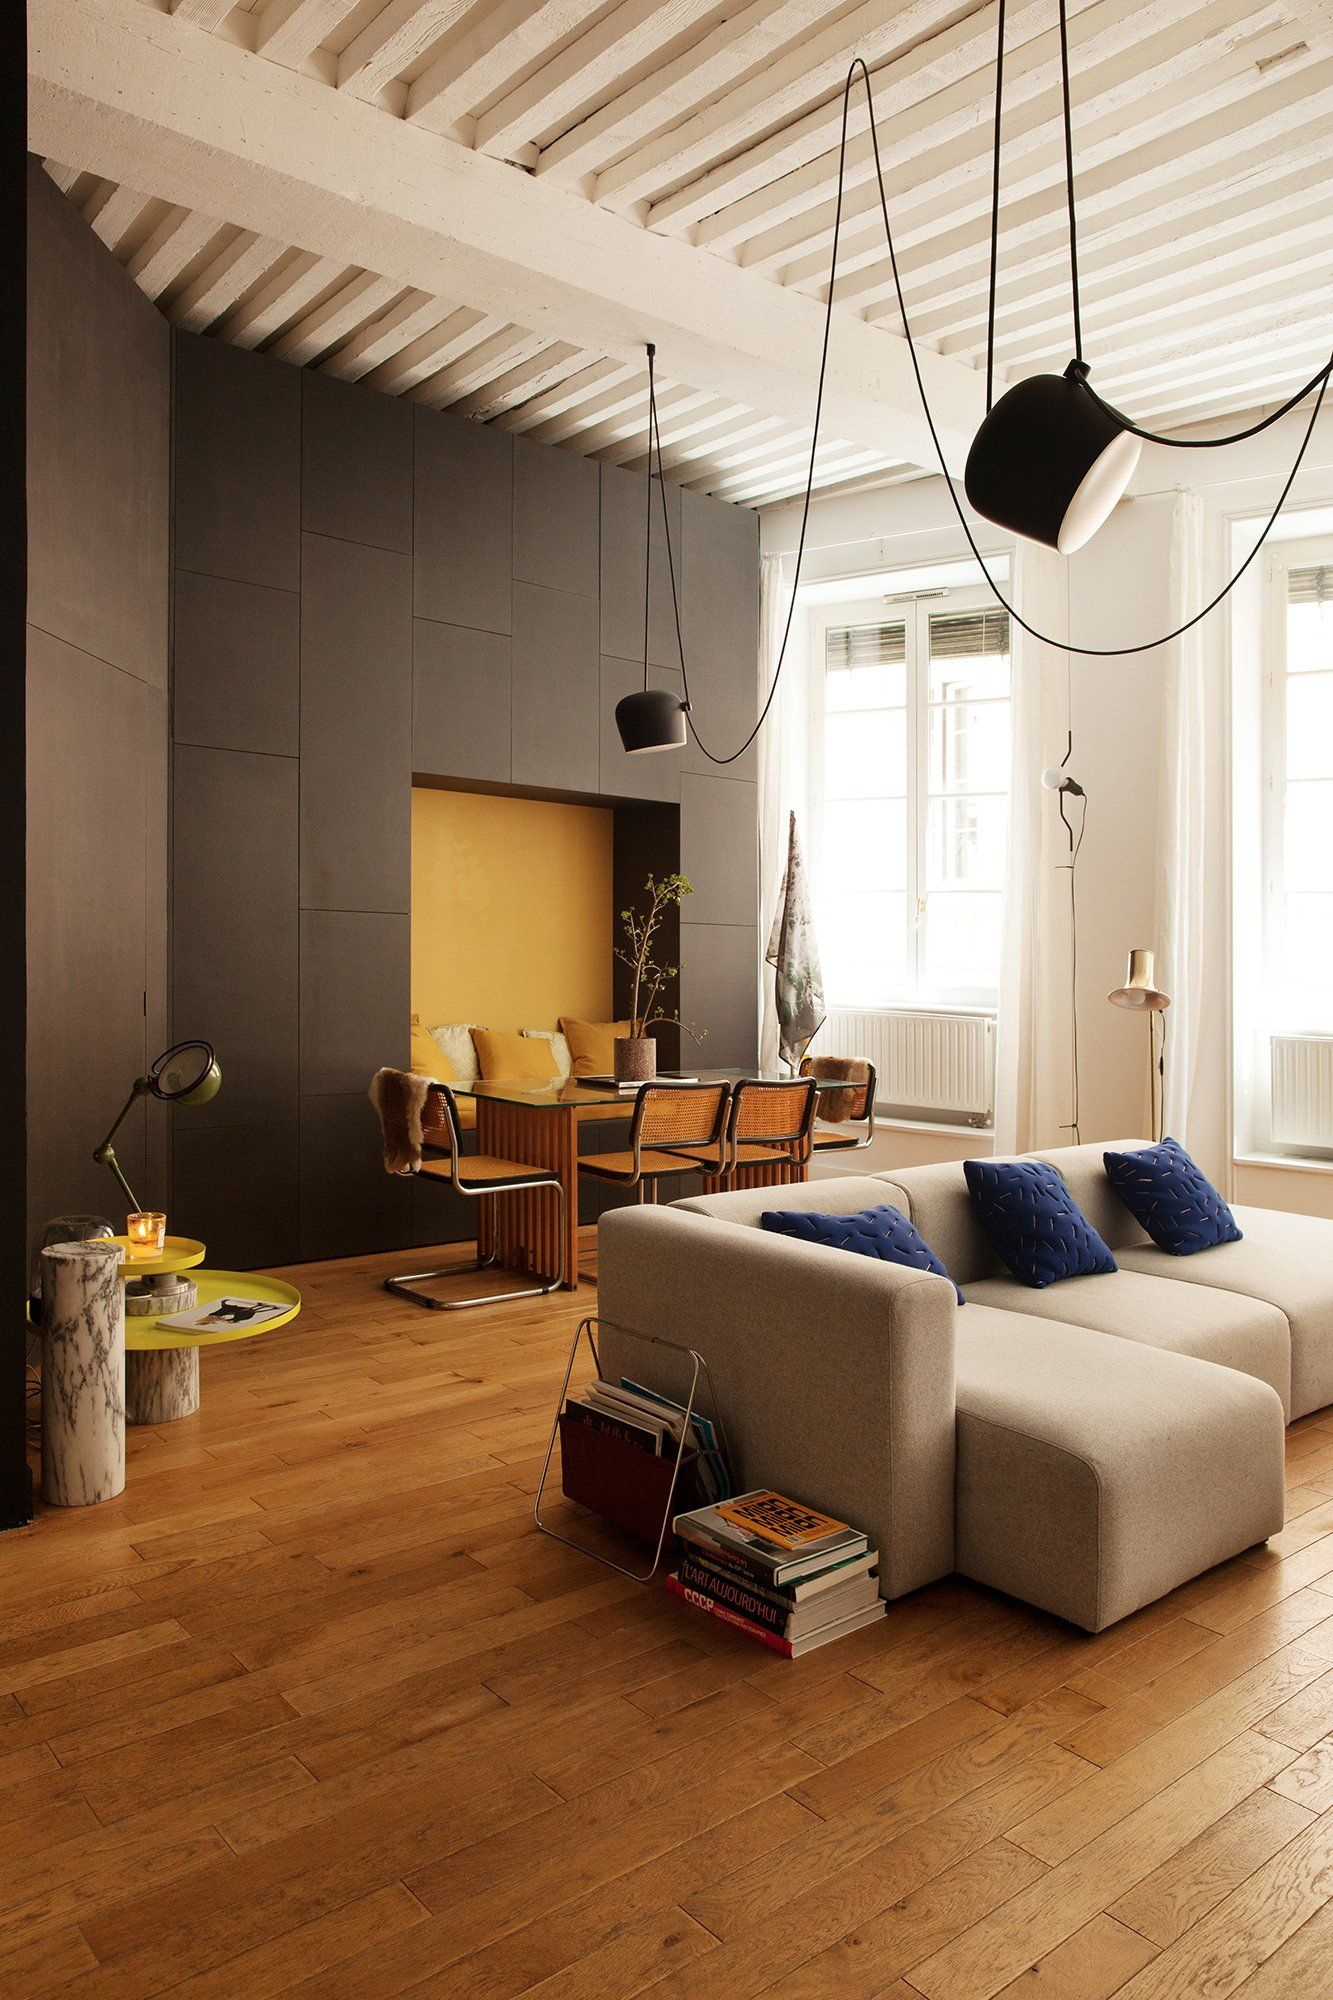 Les 298 meilleures images du tableau Living room Le salon sur